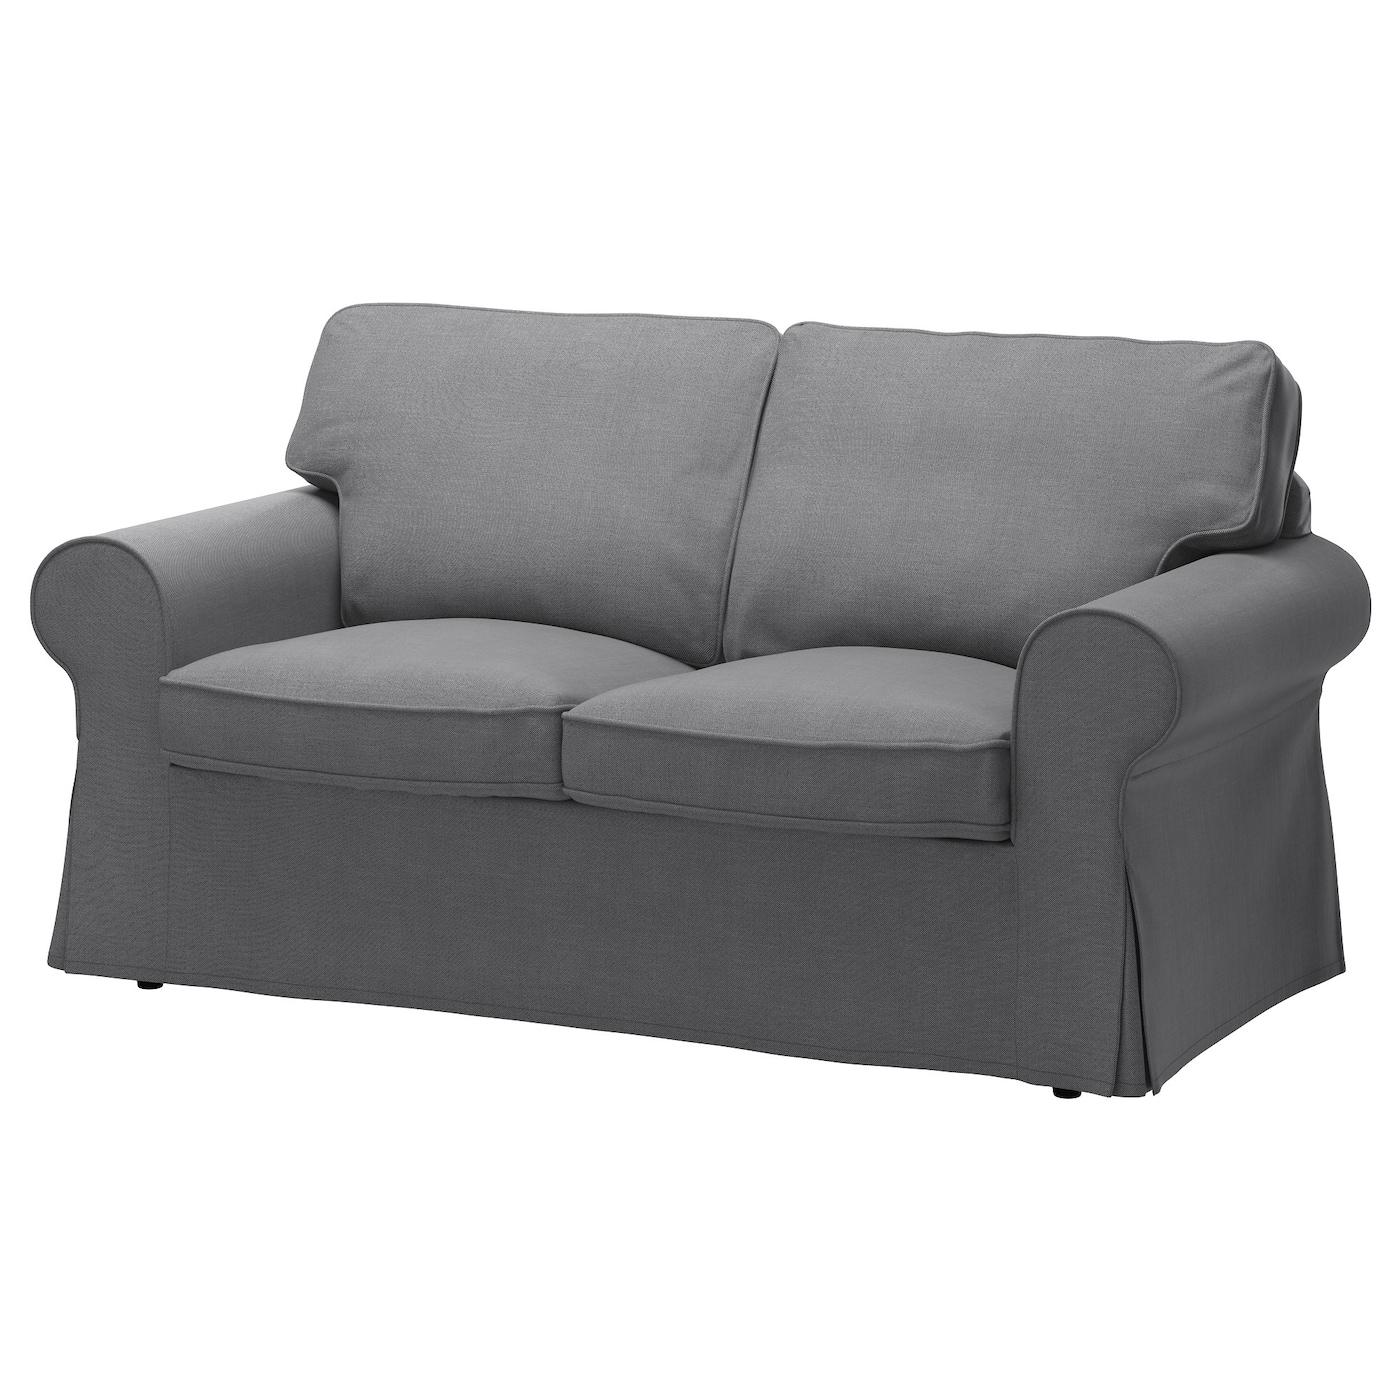 Ektorp Nordvalla Dark Grey Two Seat Sofa Ikea